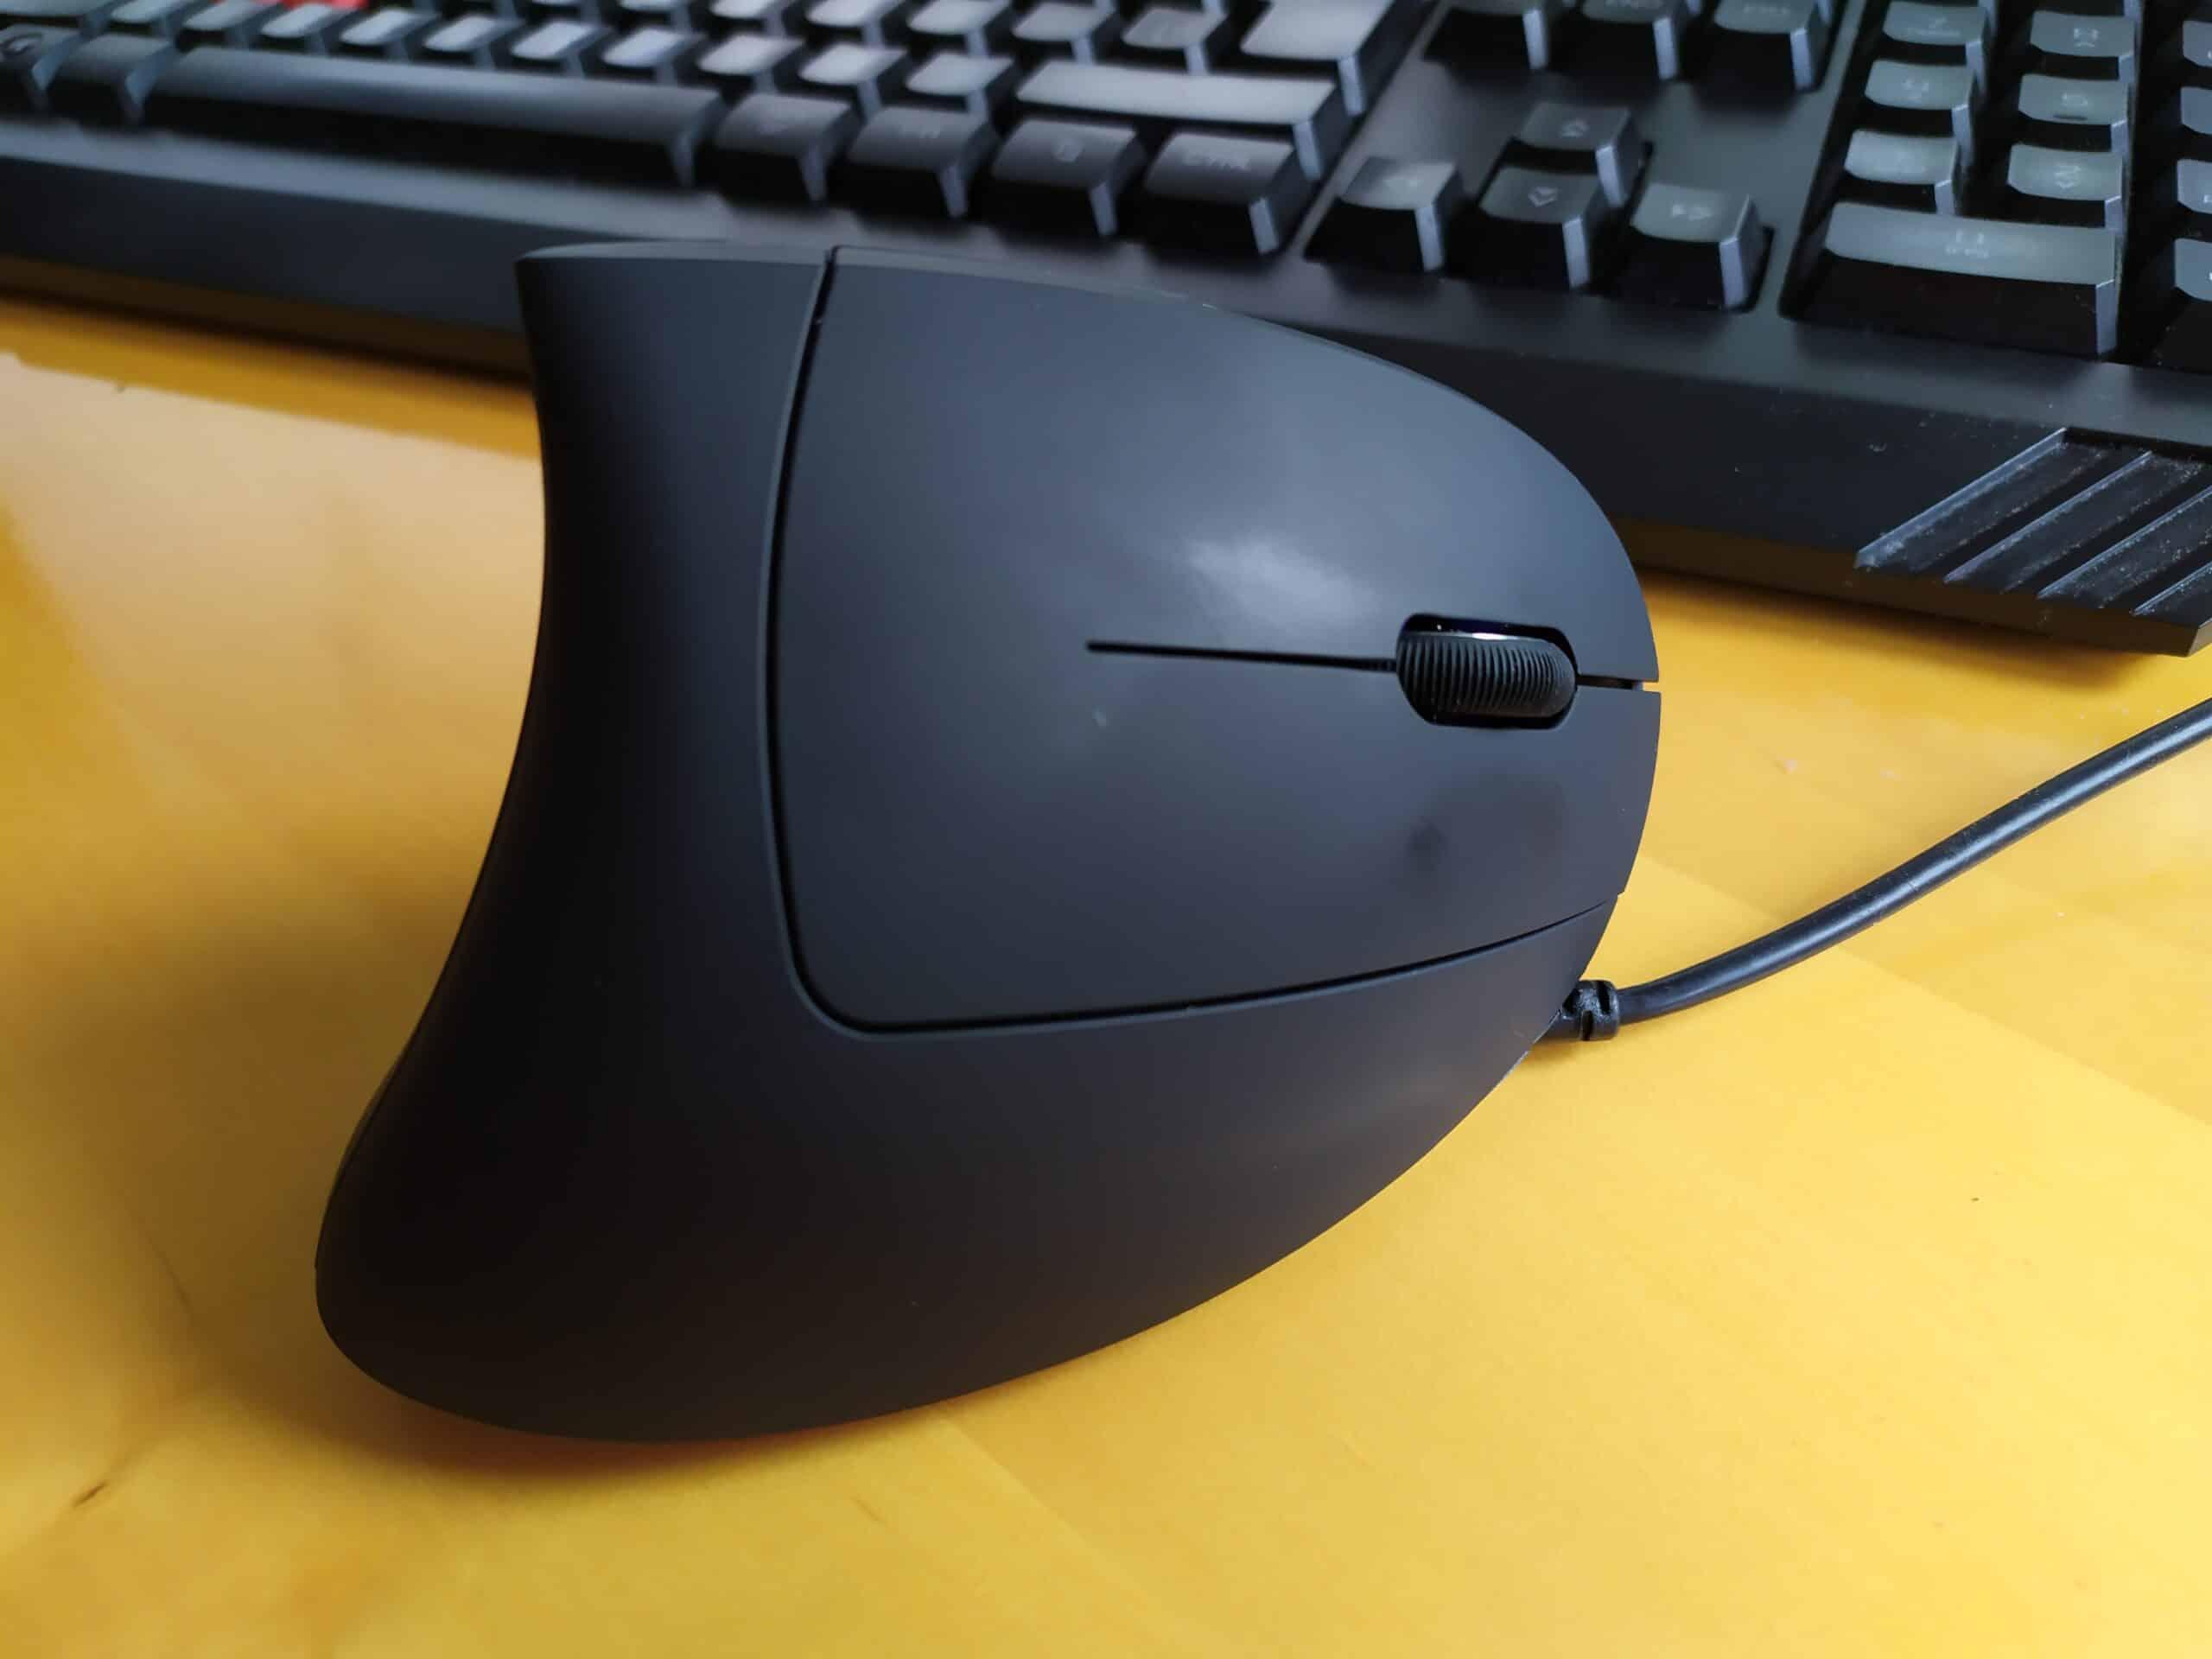 Počítačová Myš Trust Verto Ergonomic, Tlačítka